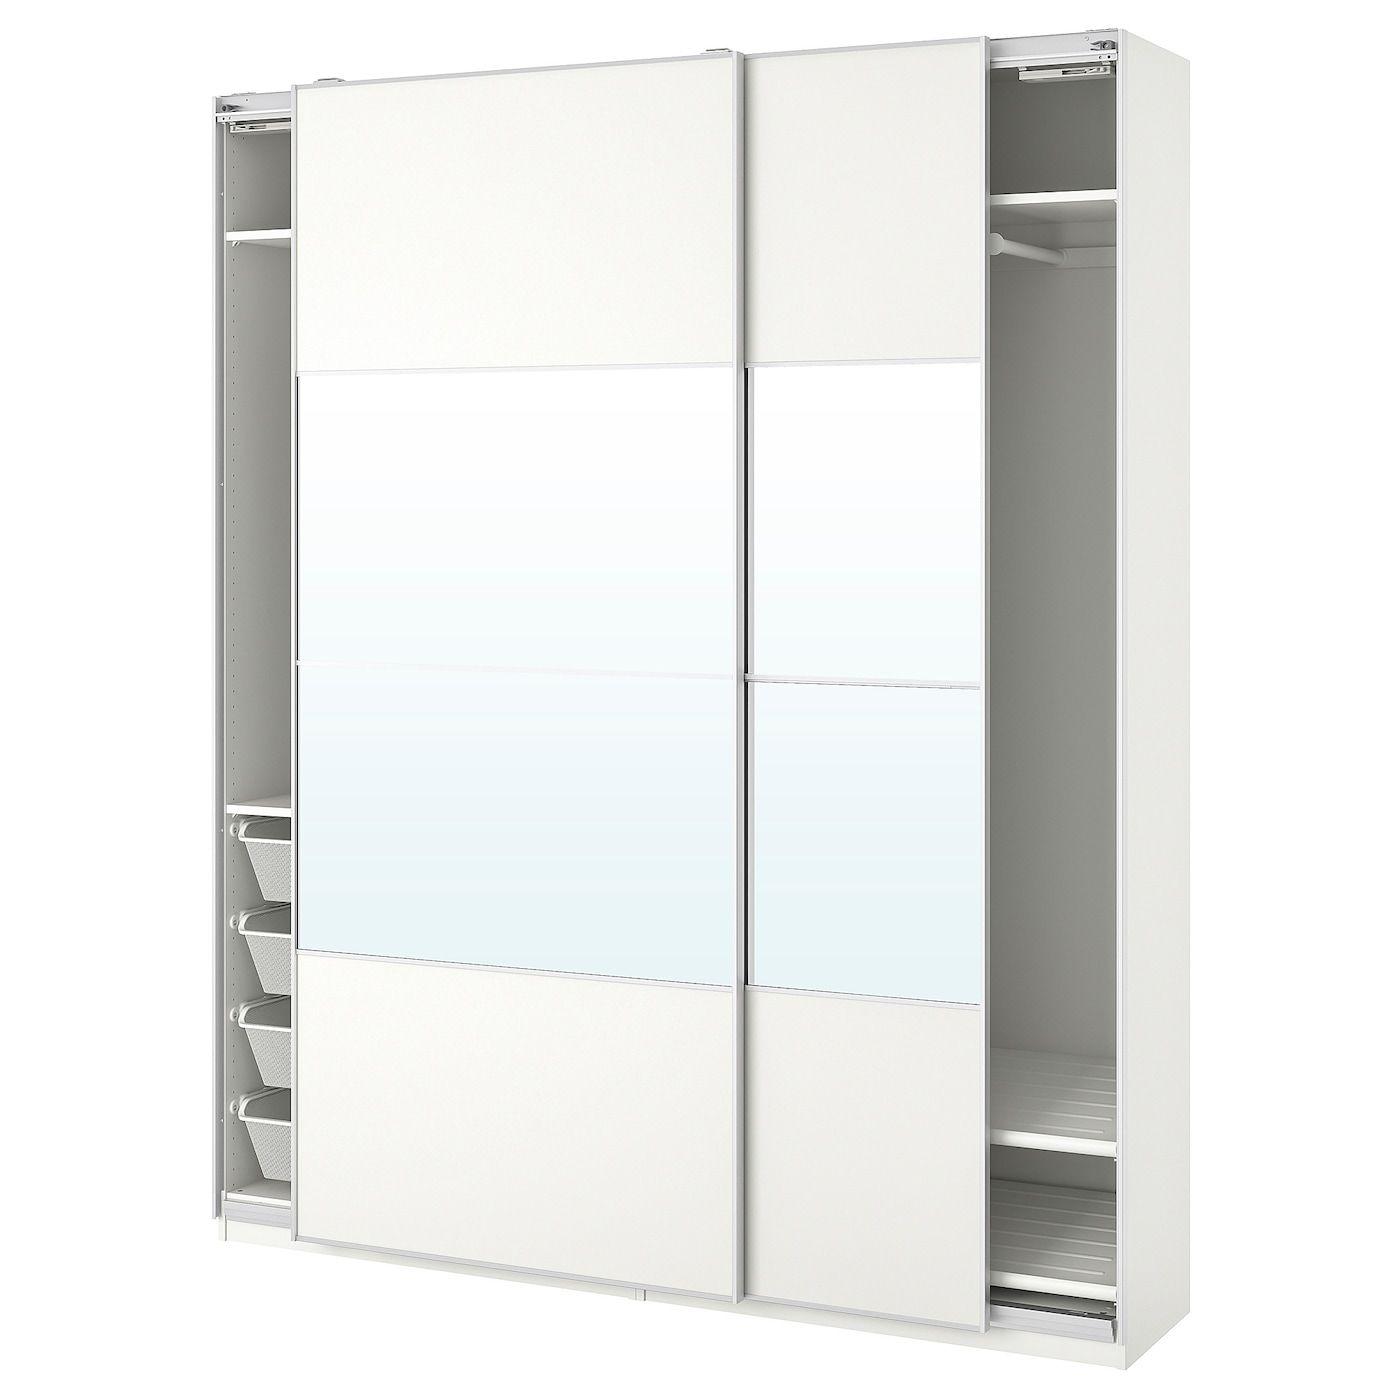 PAX Wardrobe white, Mehamn Auli 78 3/4x17 3/8x93 1/8